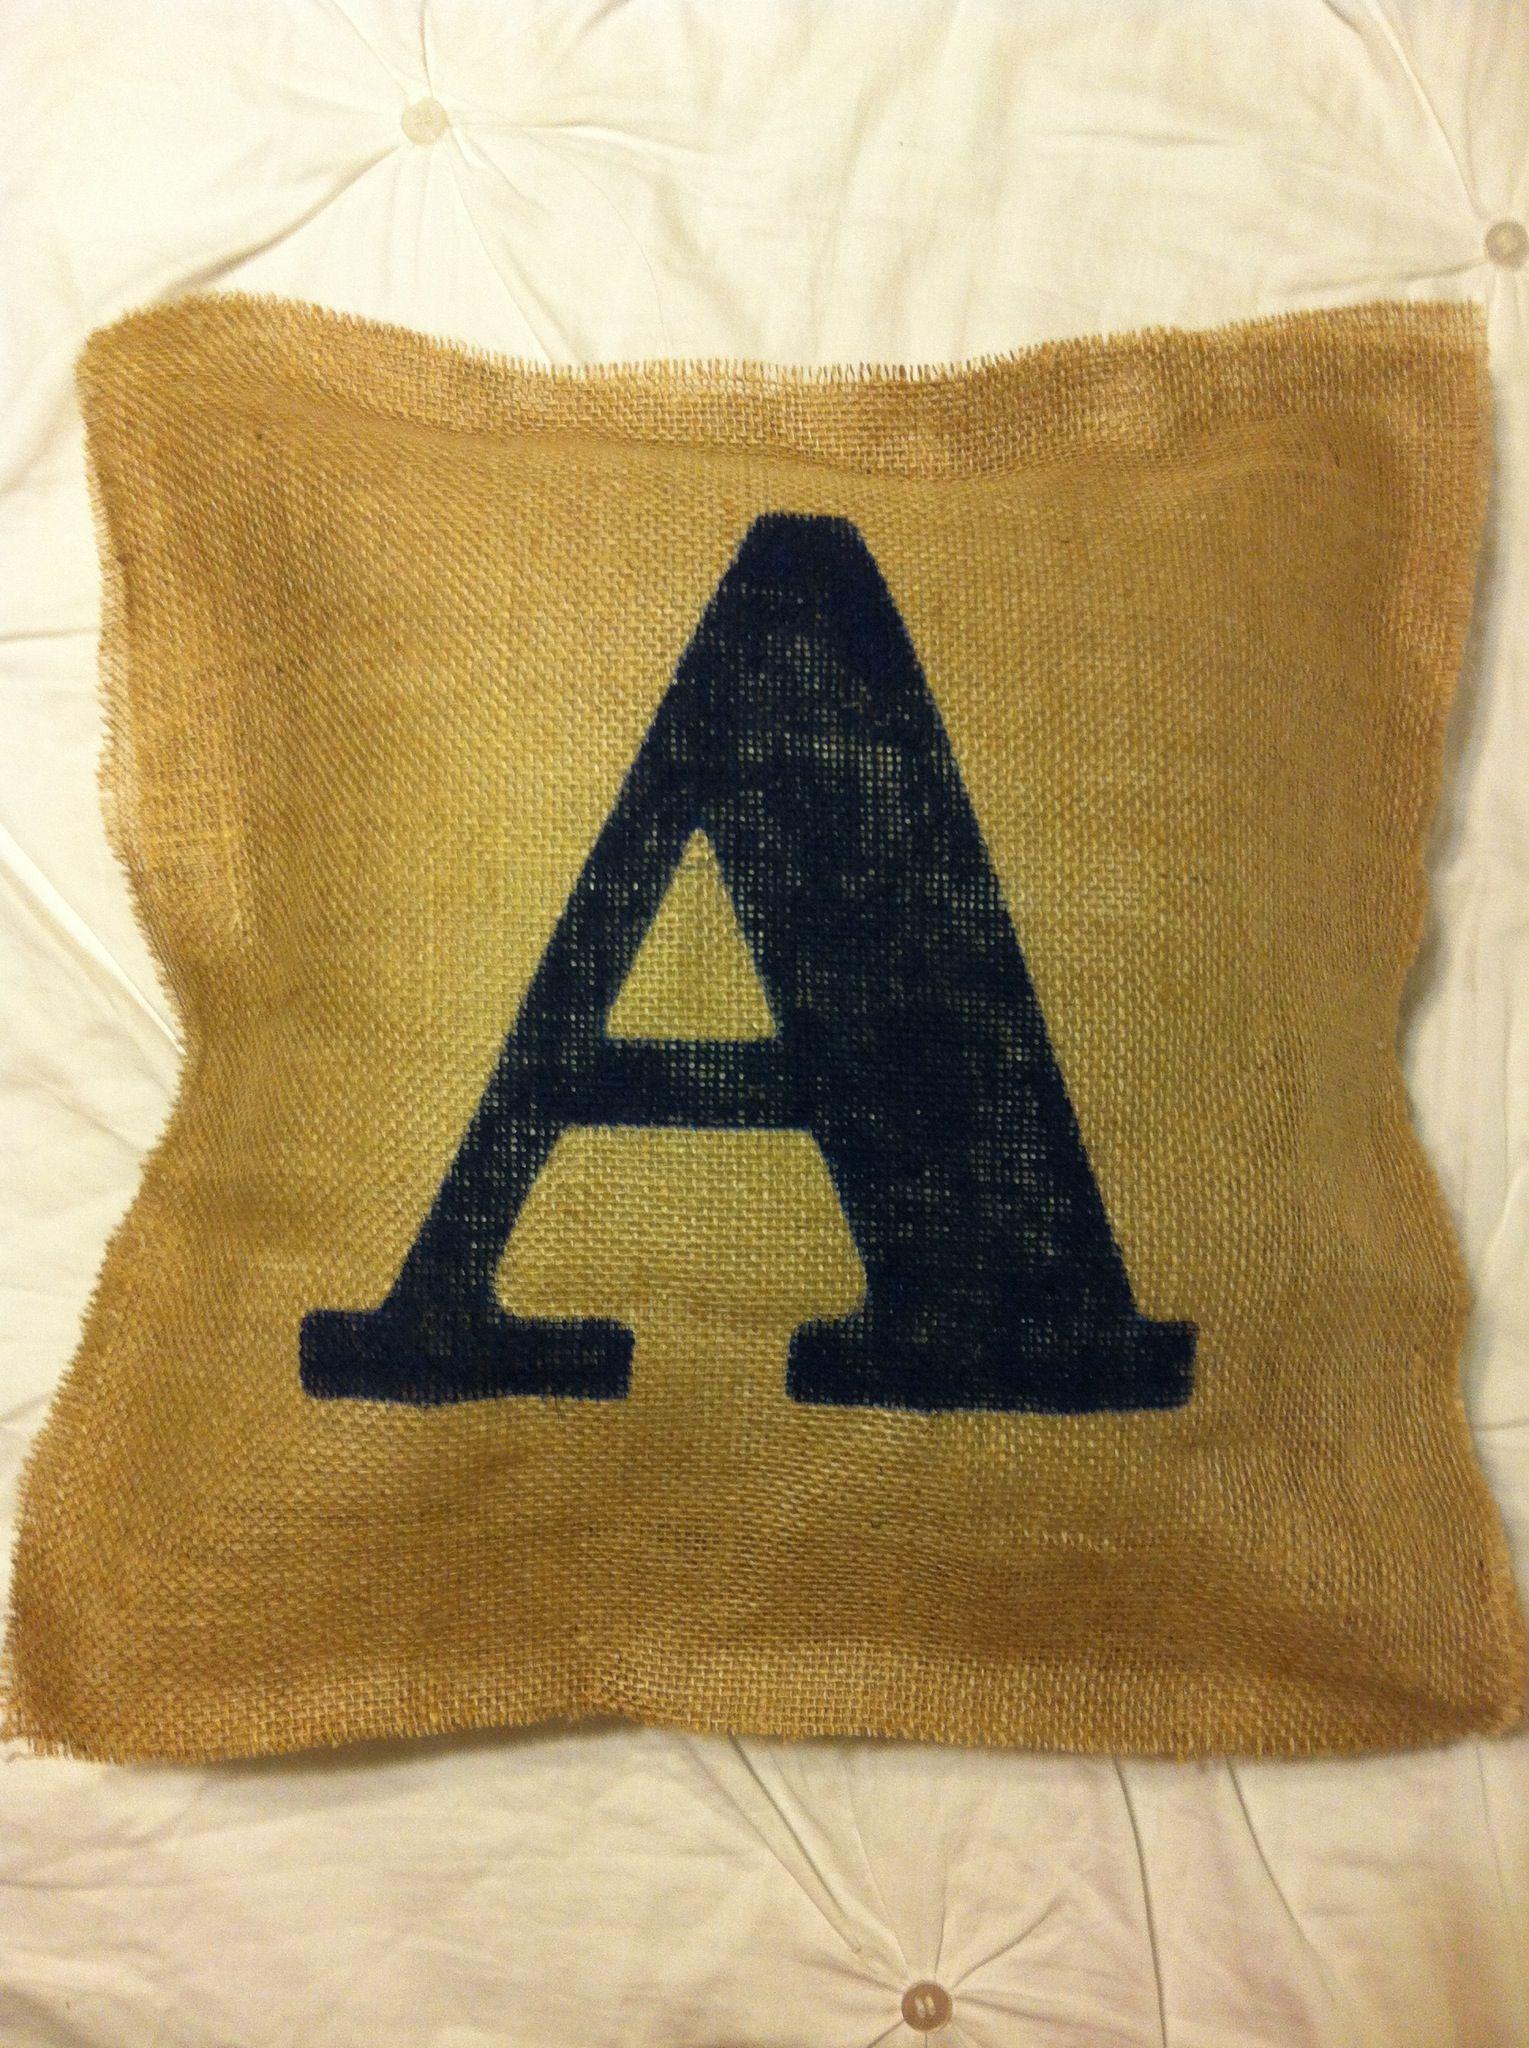 Burlap pillow, initial